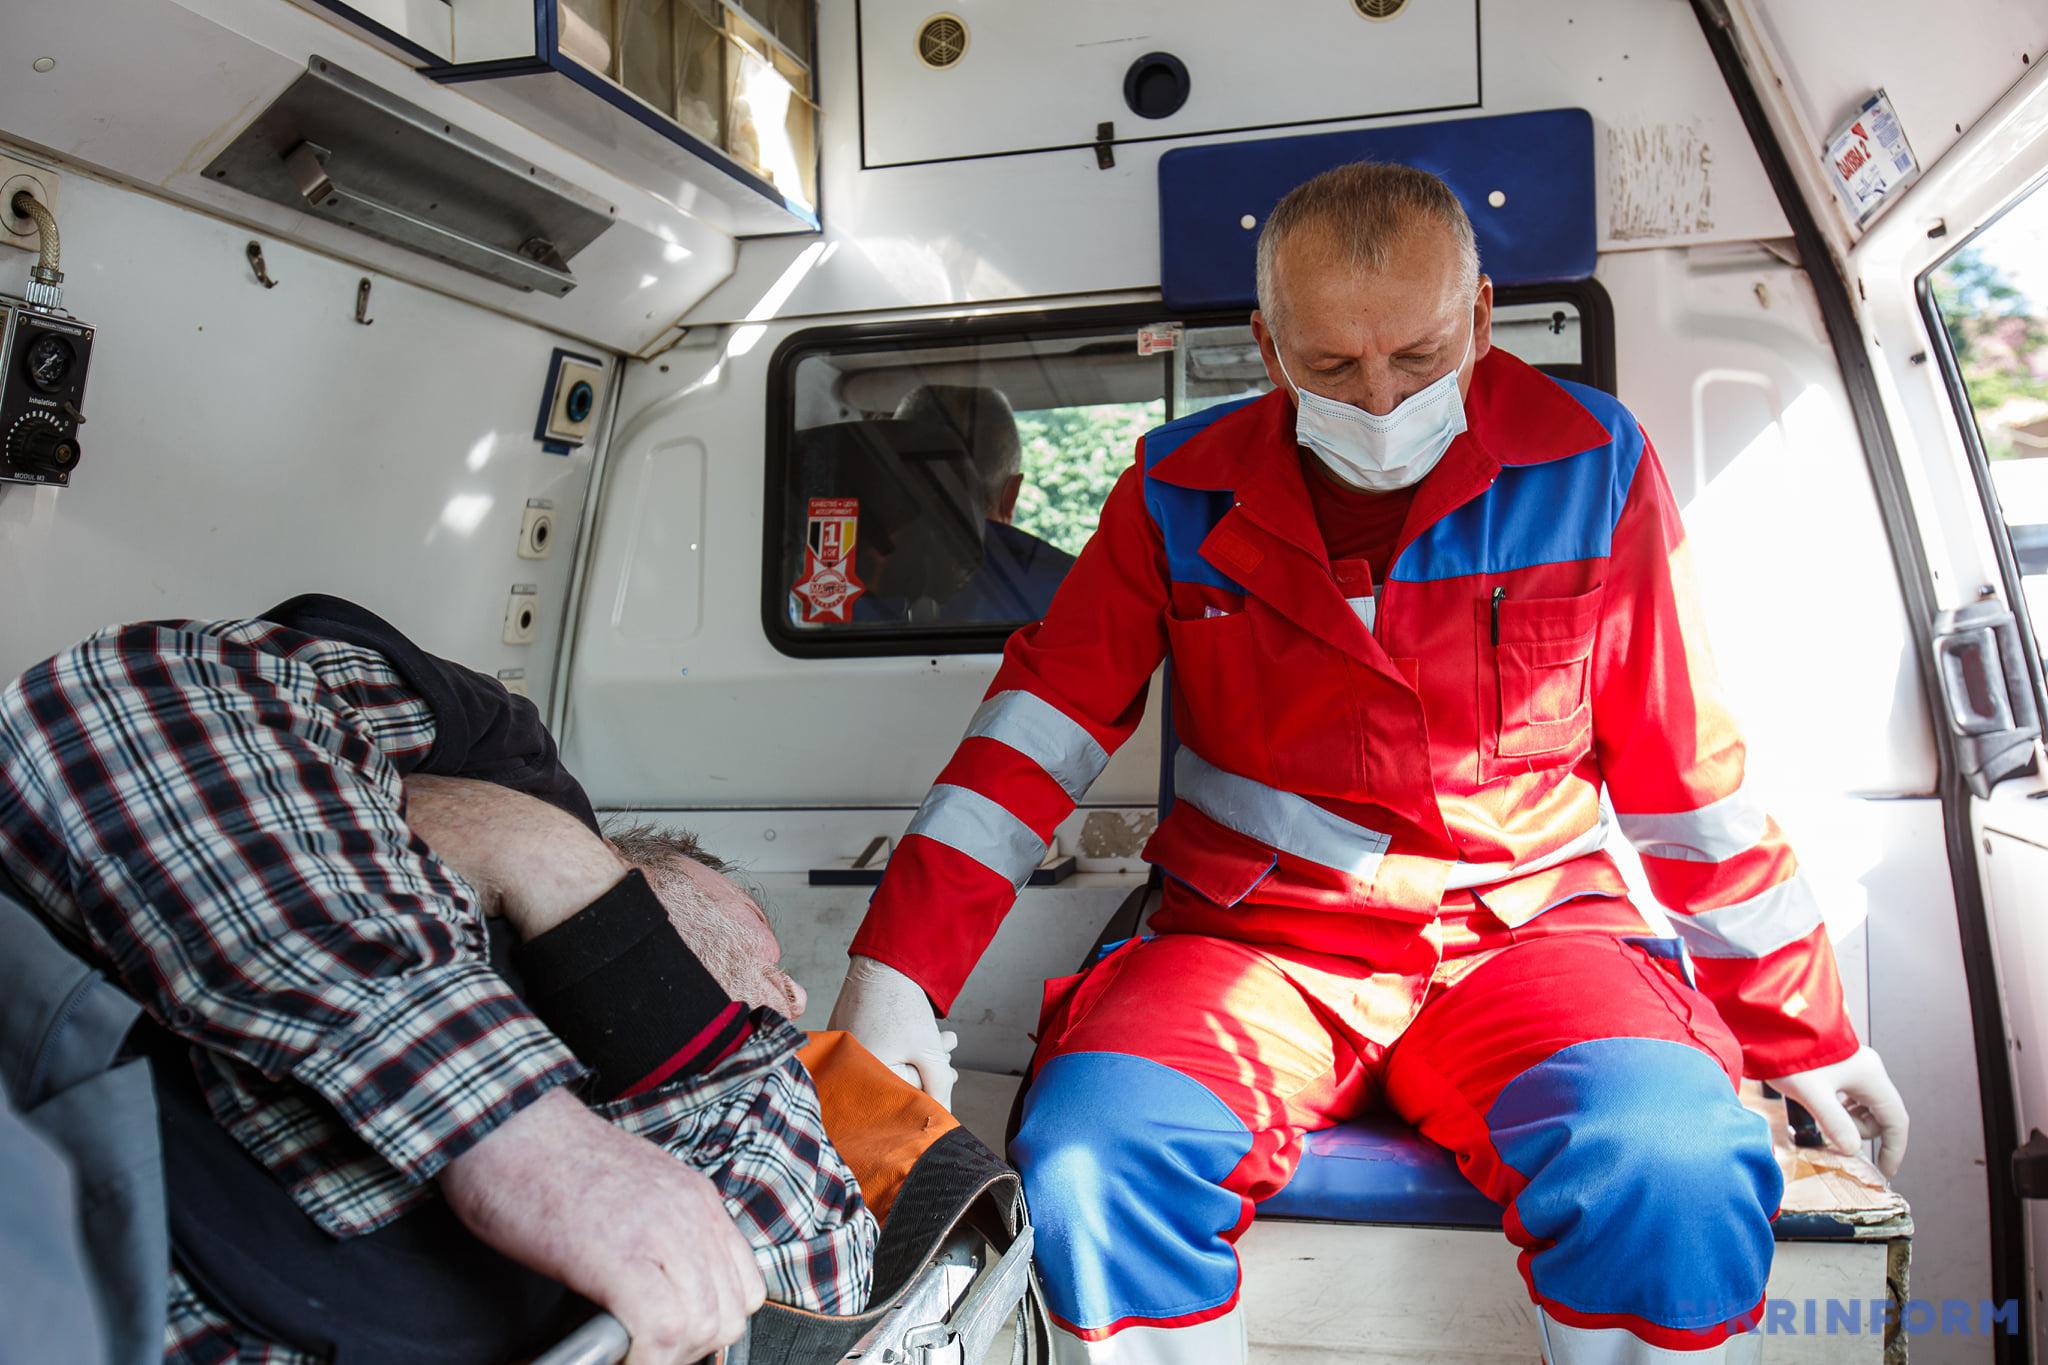 Фельдшер Іван Куцин та хворий з підозрою на перелом ноги по дорозі в травмпункт